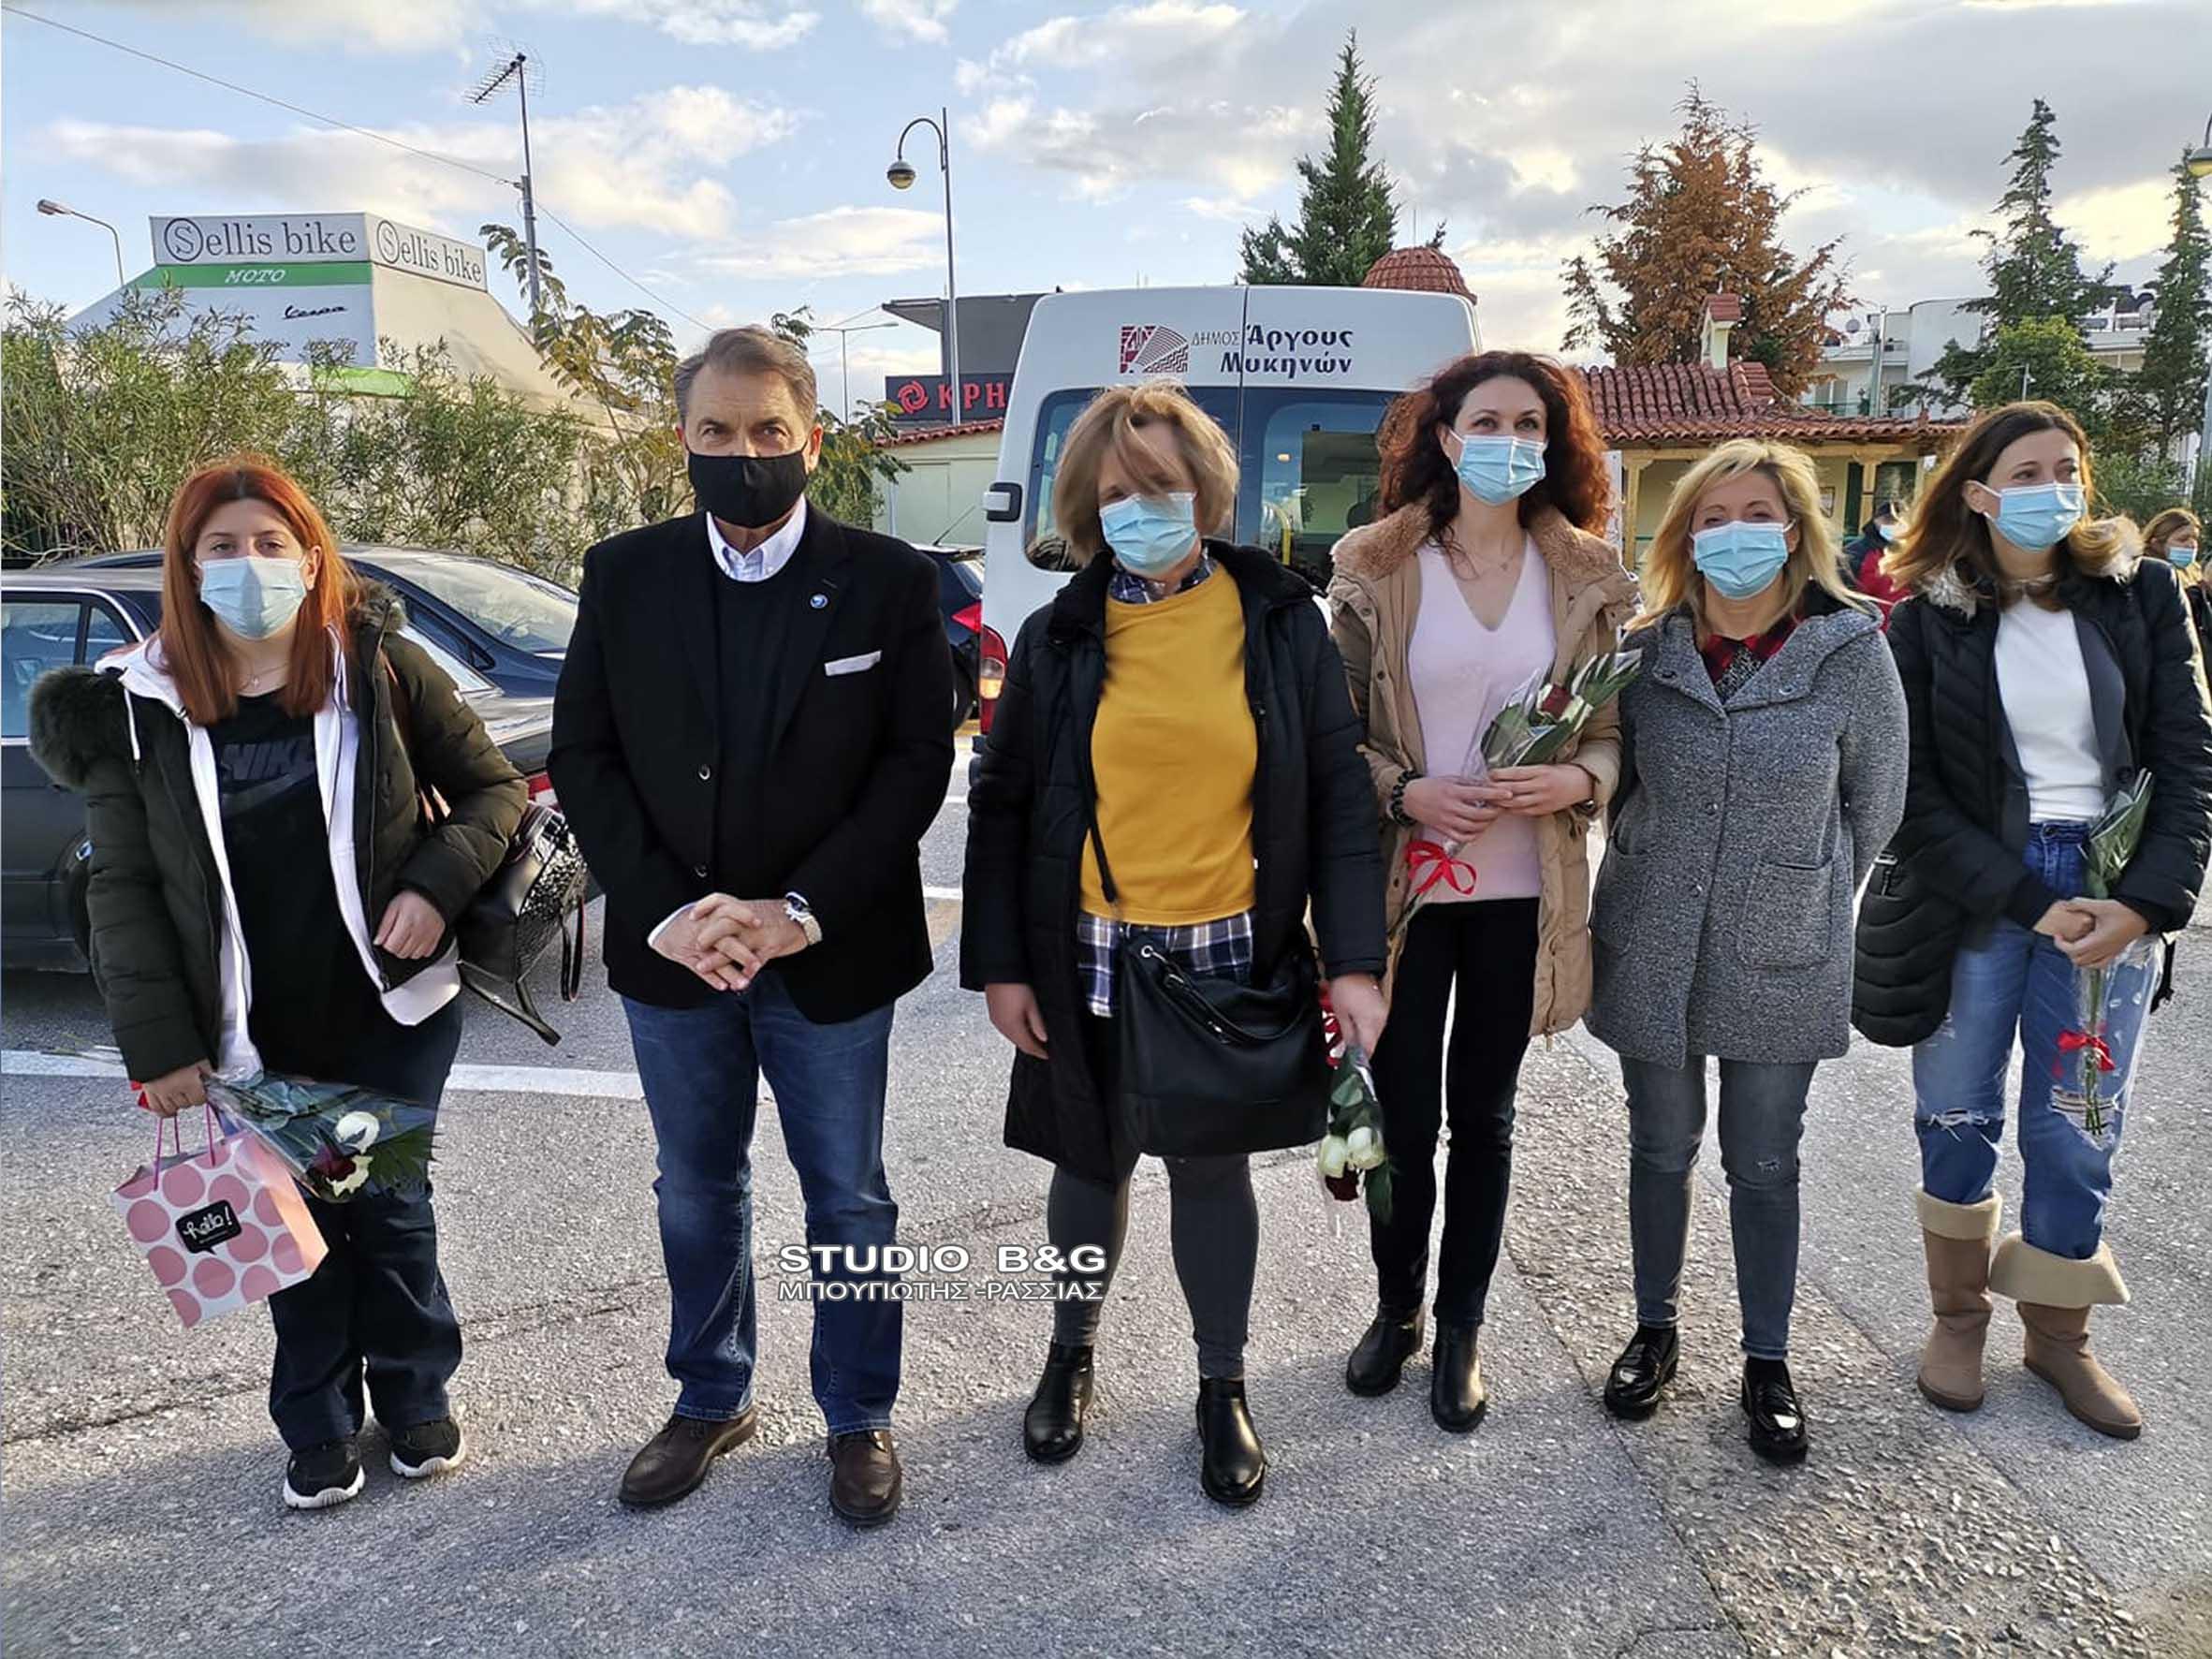 Πανστρατιά αλληλεγγύης για την Θεσσαλονίκη – Σπεύδουν νοσηλεύτριες από κάθε γωνιά της χώρας